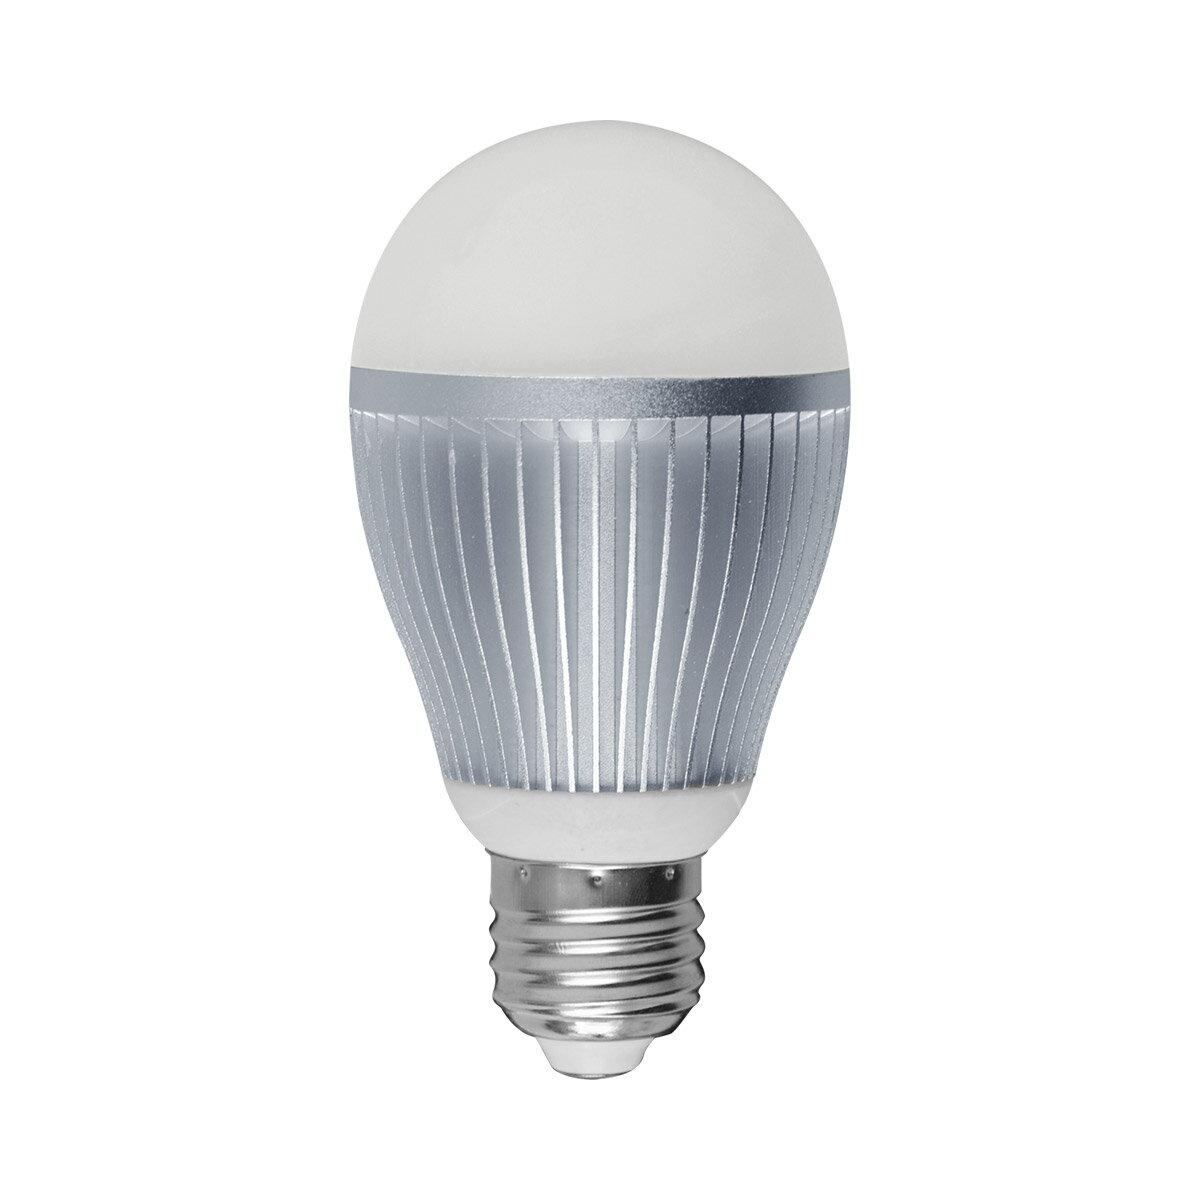 ottostyle 調光・調色LED電球 6W 700lm E26 専用リモコン対応の写真